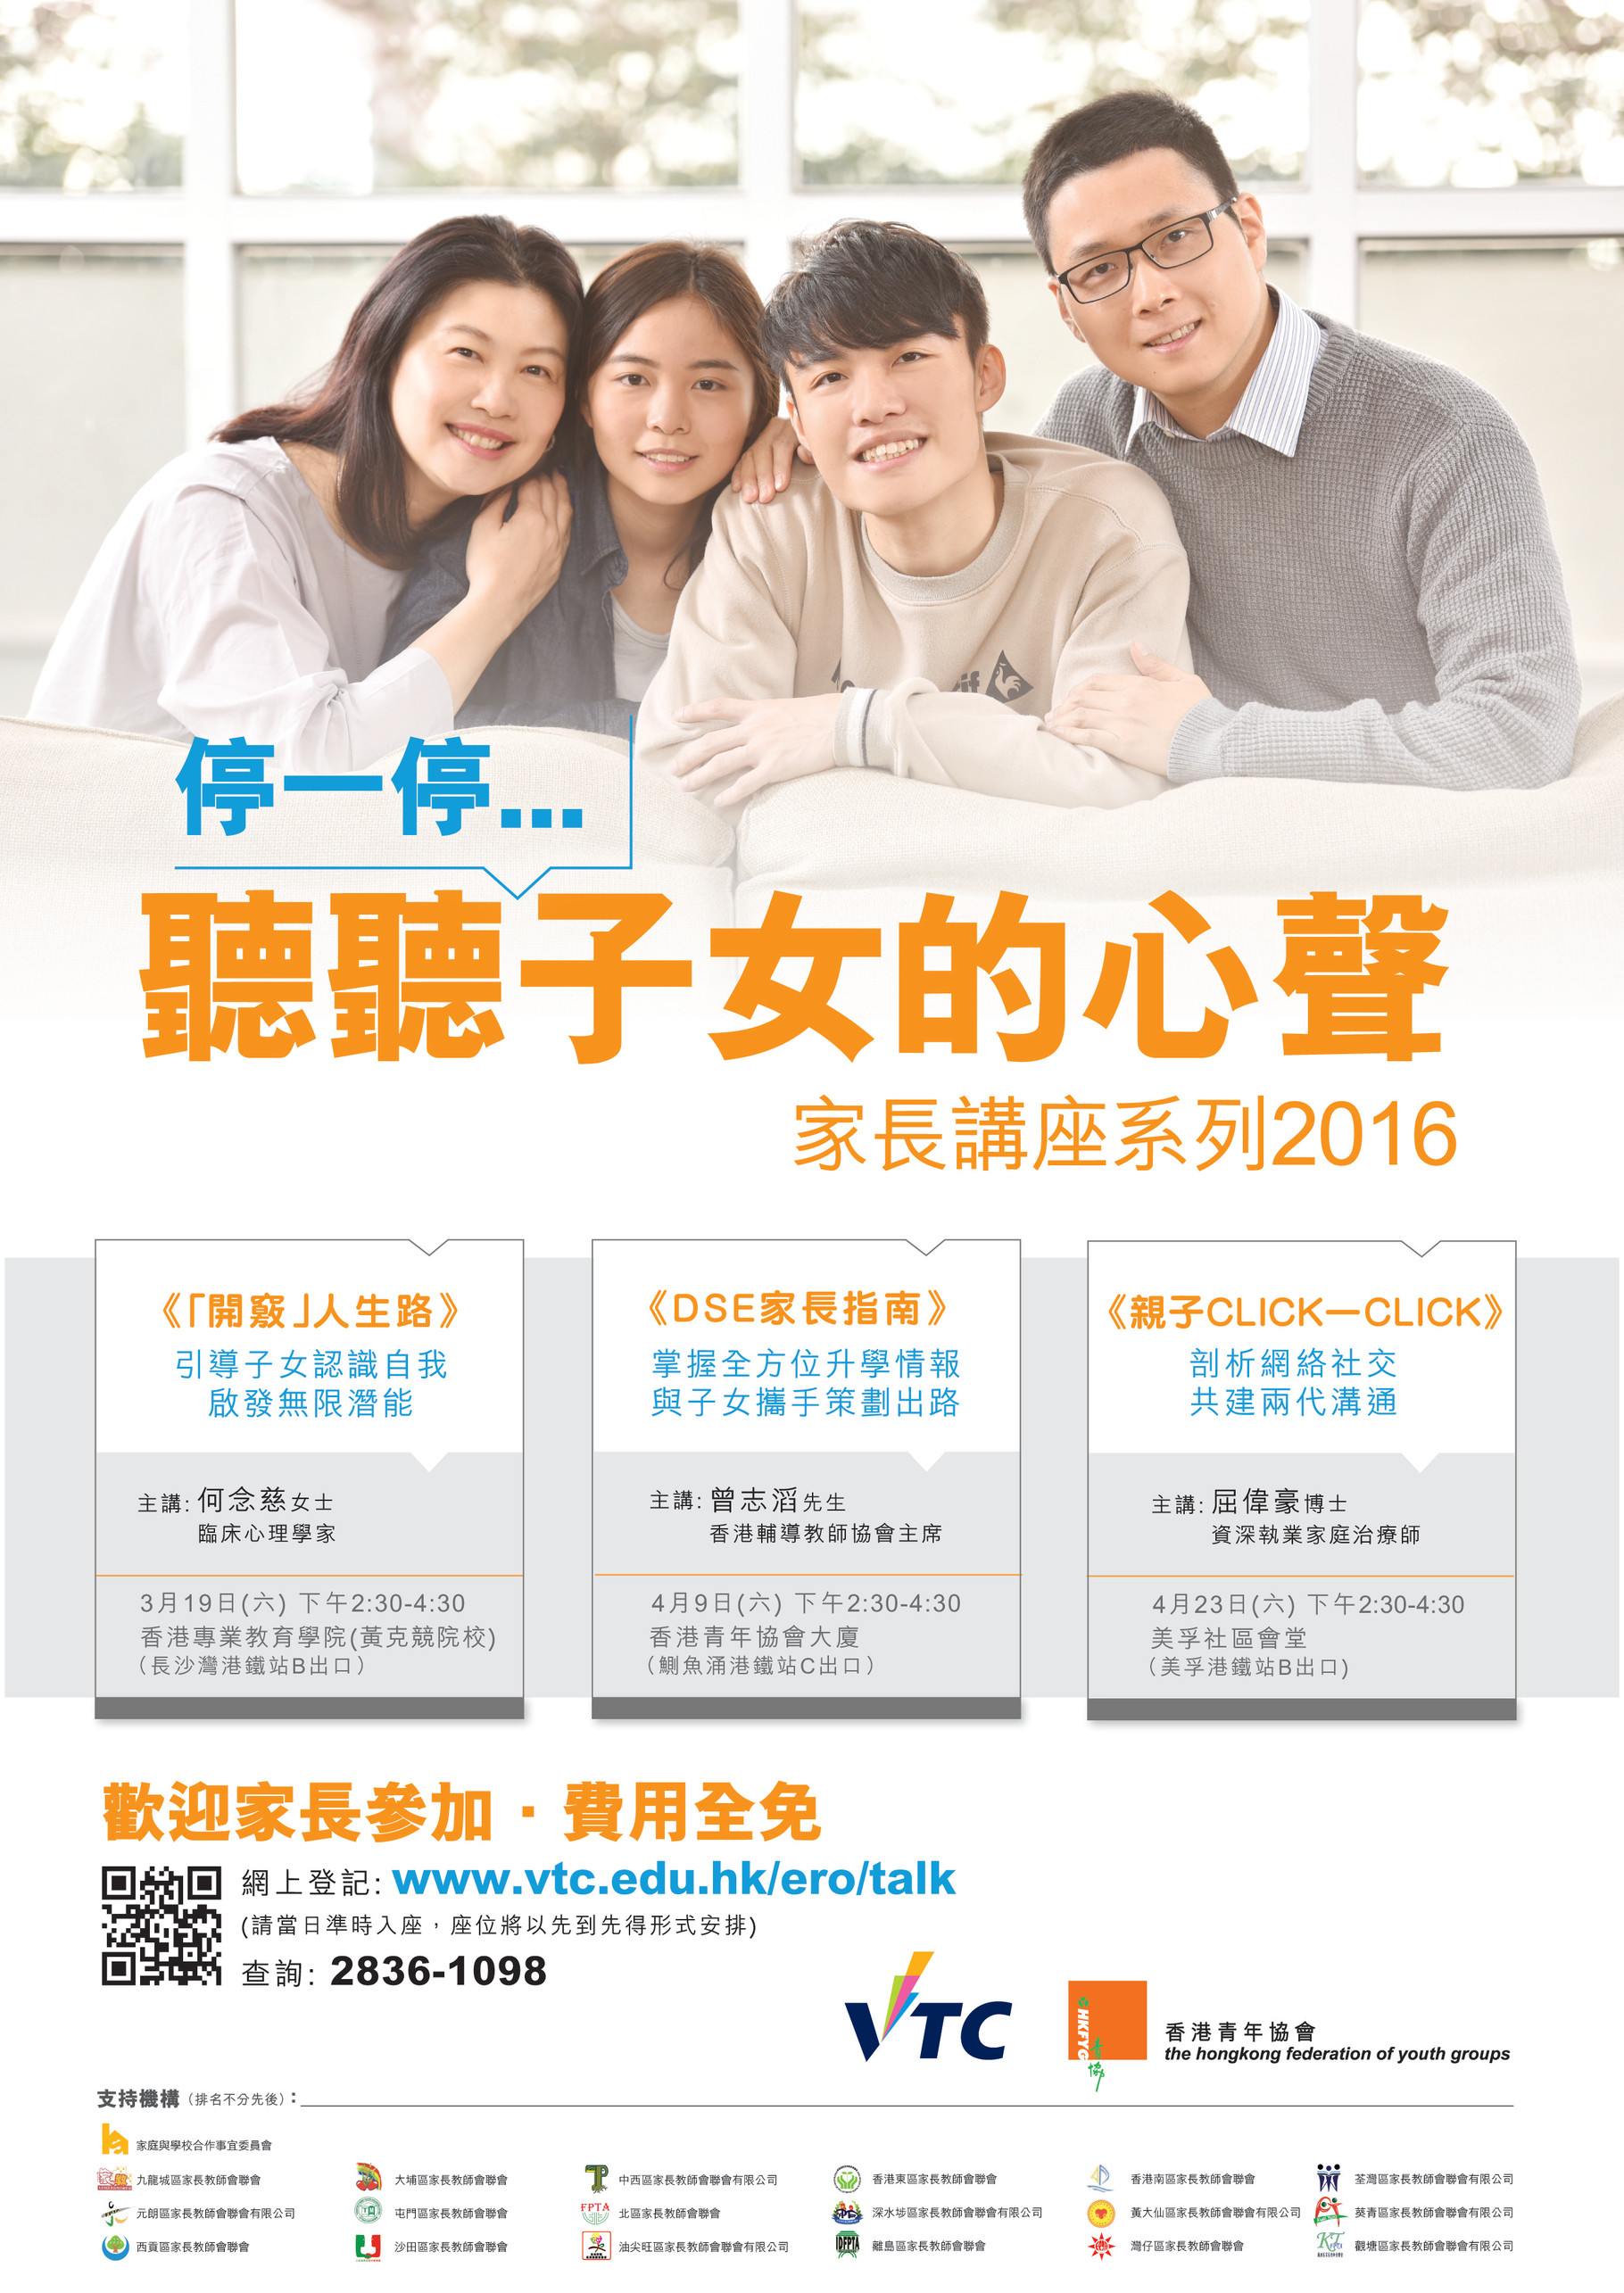 香港青年協會- 家長講座系列2016 - Pui Kiu PTA